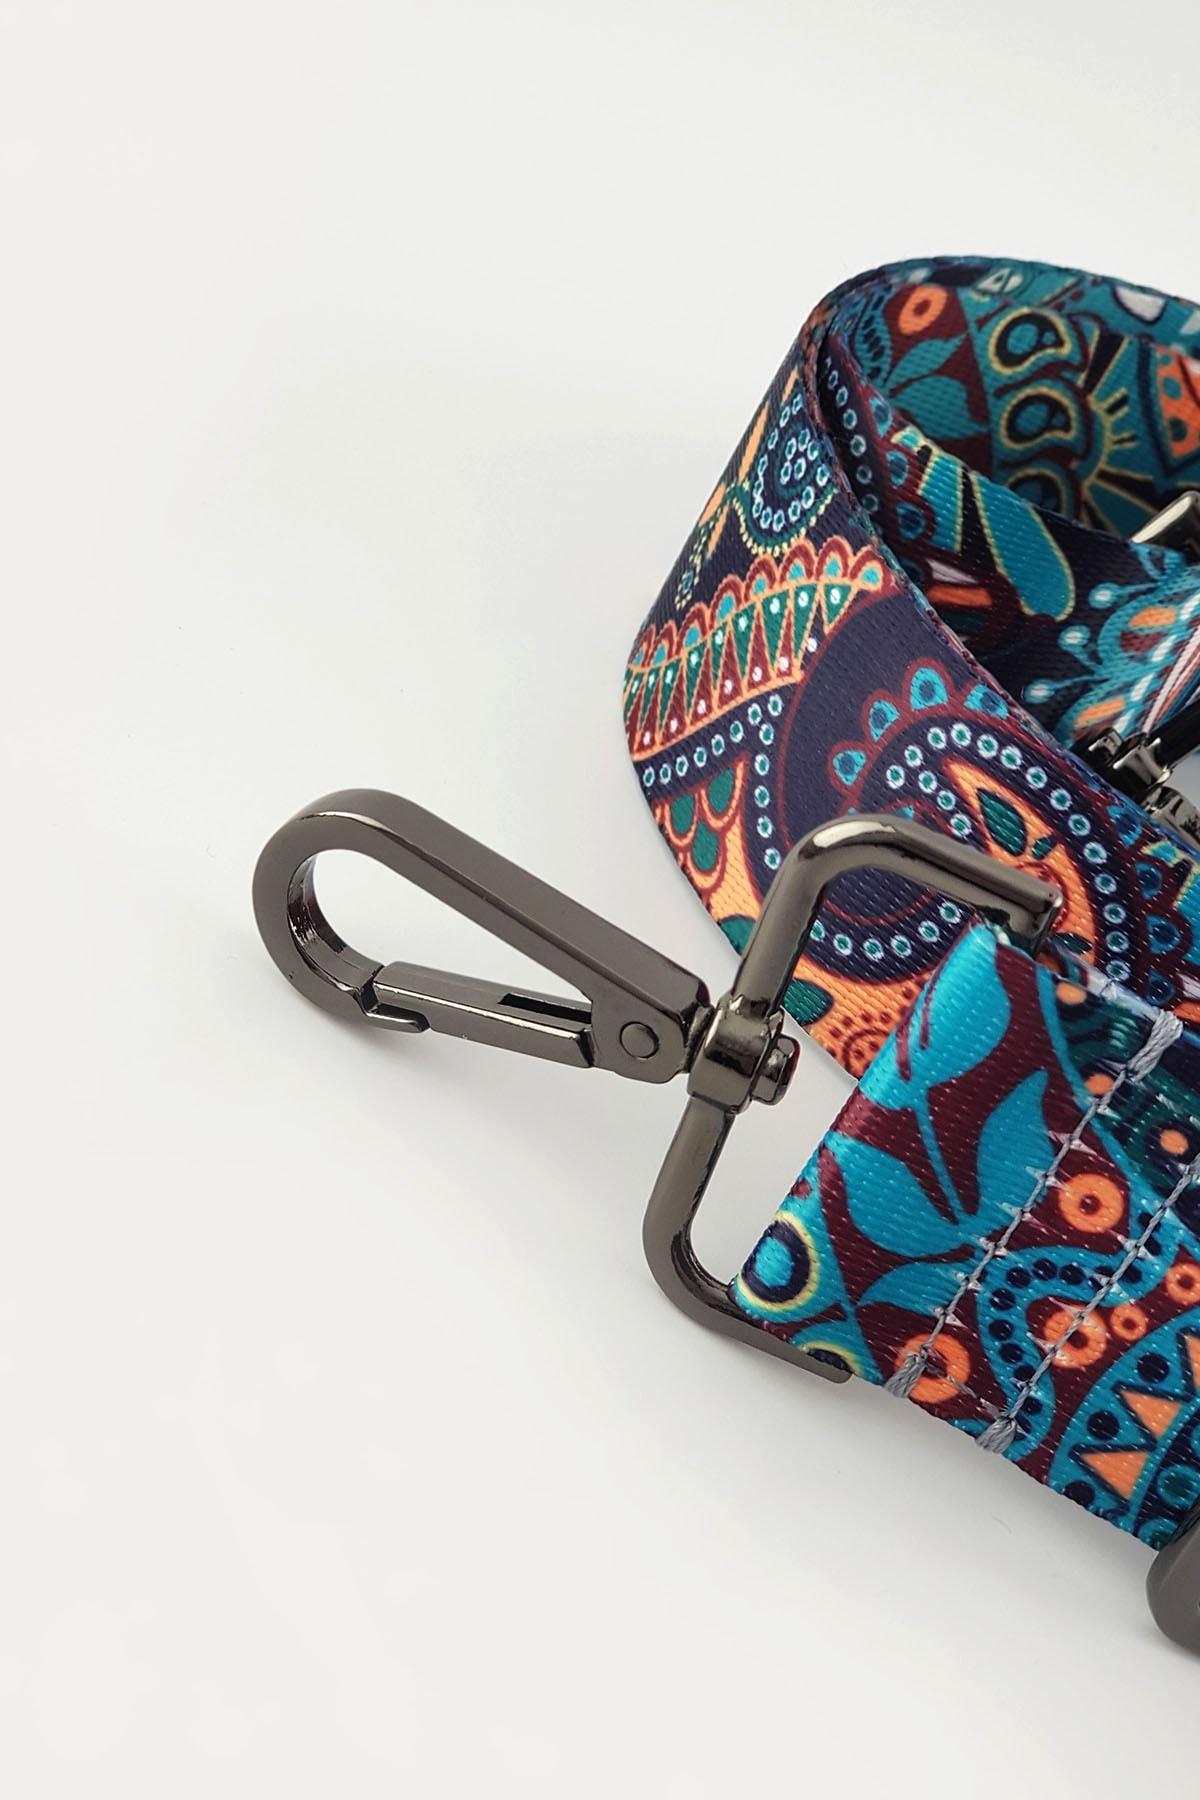 FAEN Medine Şal Desenli Çanta Askısı Black 2